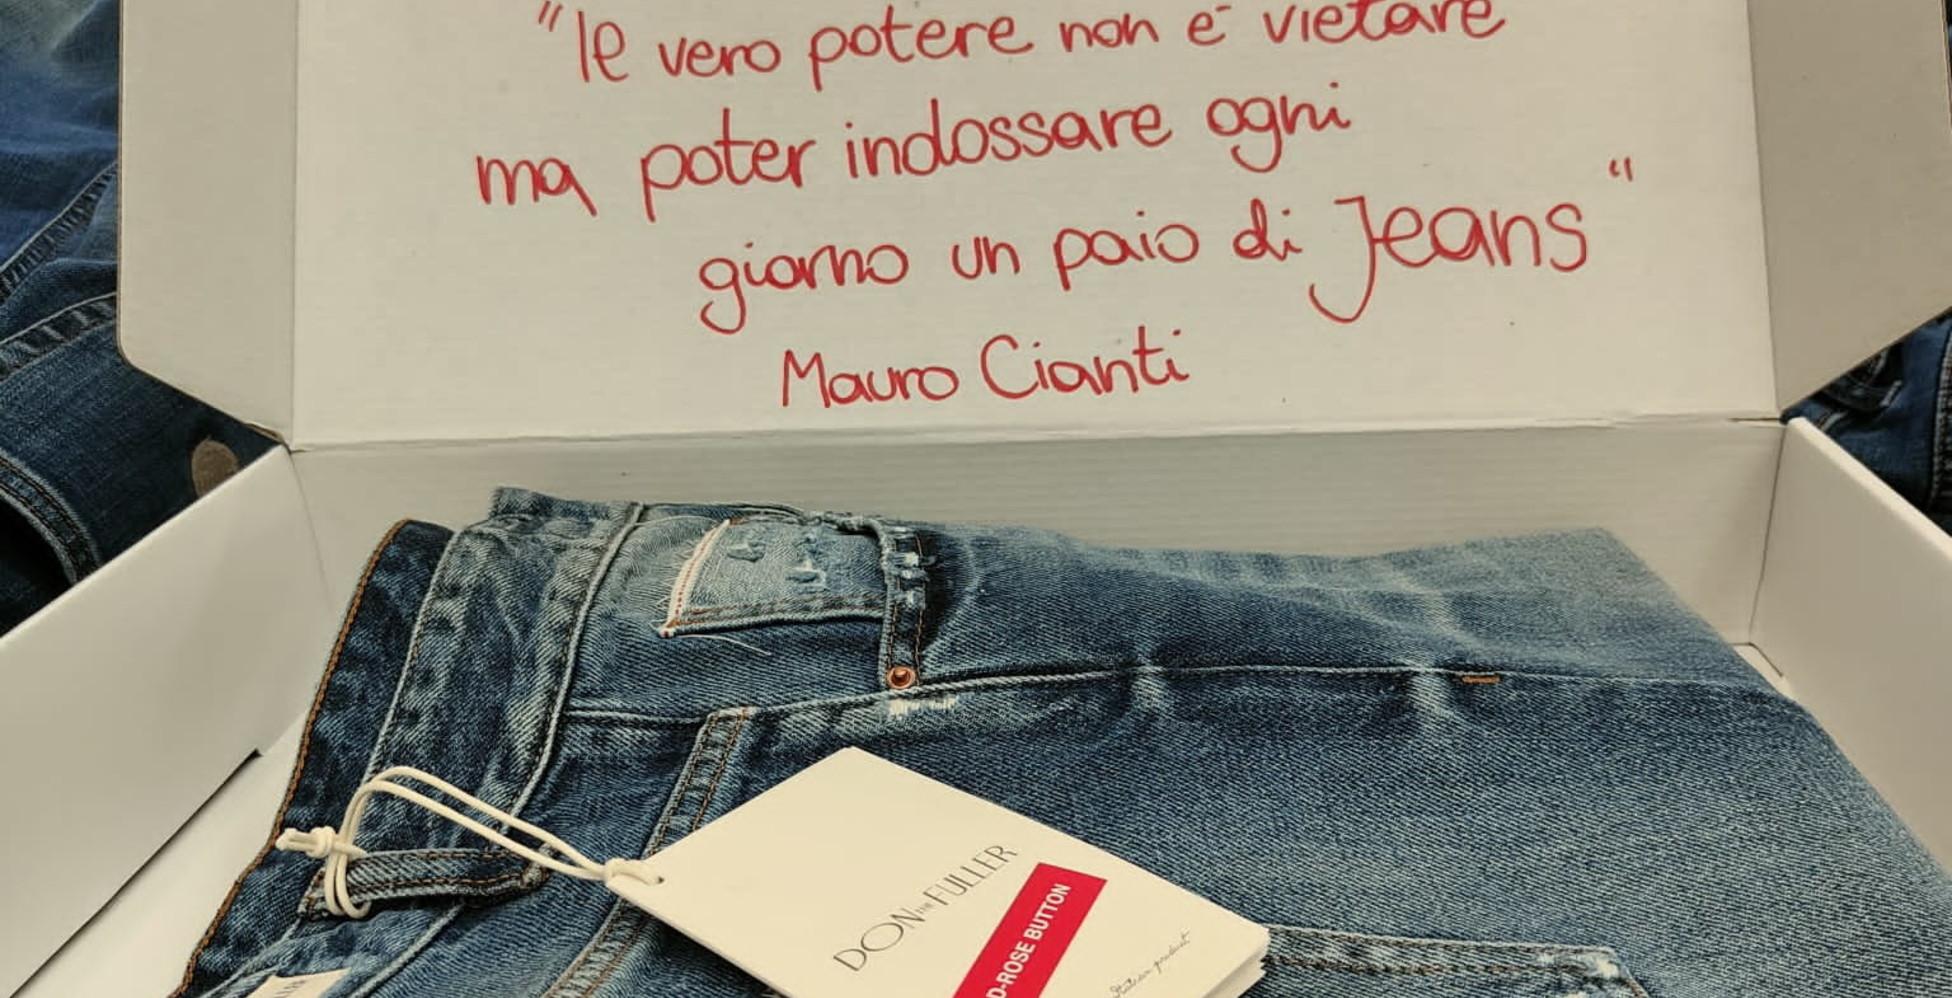 corea-del-nord,-kim-jong-un-vieta-i-jeans?-per-protesta-dall'italia-gliene-arrivano-un-paio-100%-made-in-italy